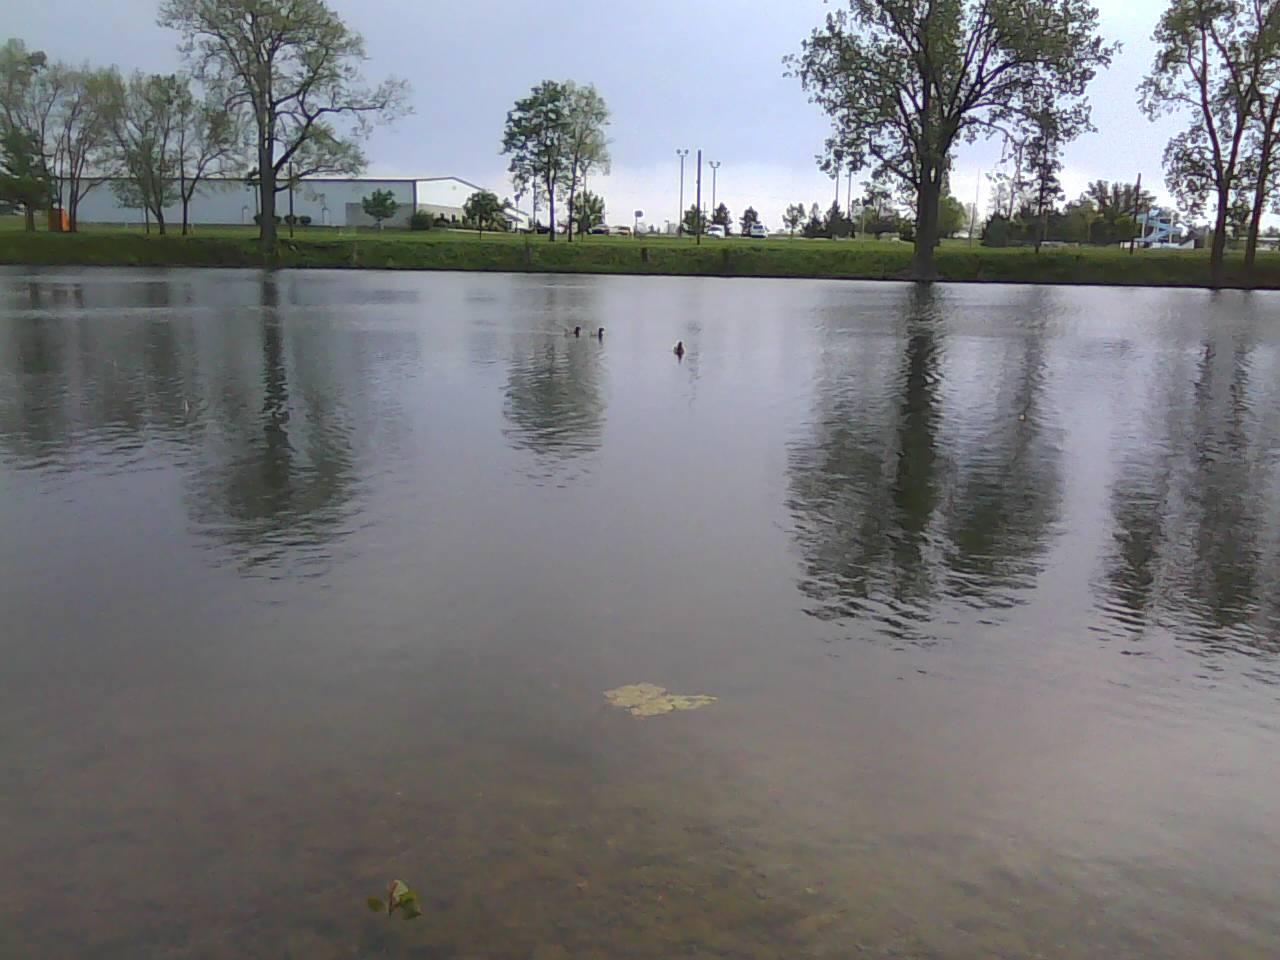 Buckeye lake 5 15 13 nwoaa for Buckeye lake fishing